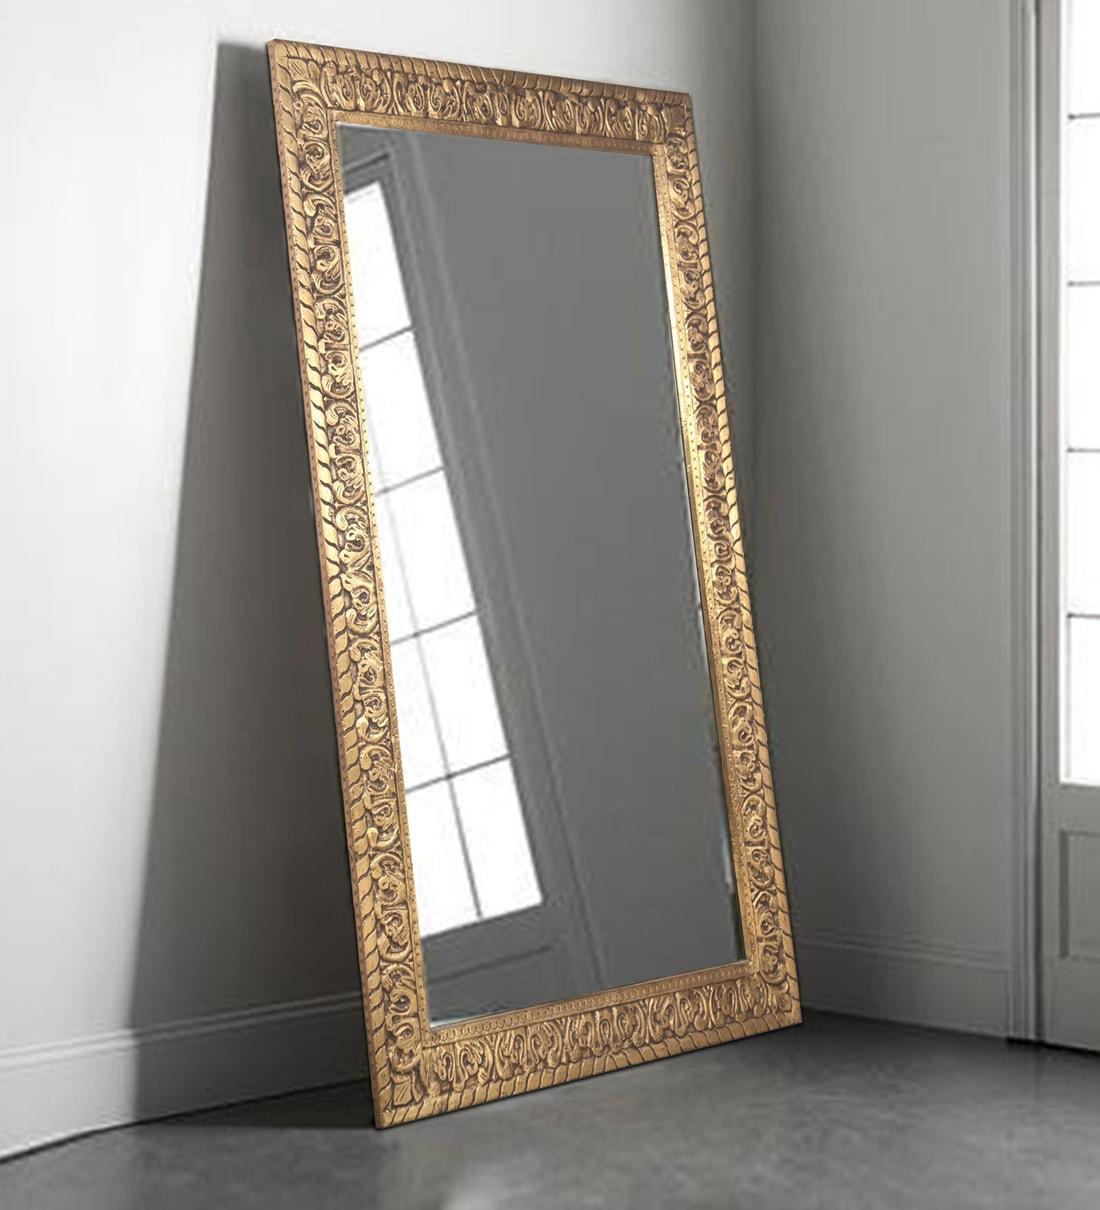 Buy Teak Wood Frame Rectangular Full Length Mirror In Gold Finish By Vriksh Of Life Online Eclectic Mirrors Eclectic Mirrors Test Pepperfry Product